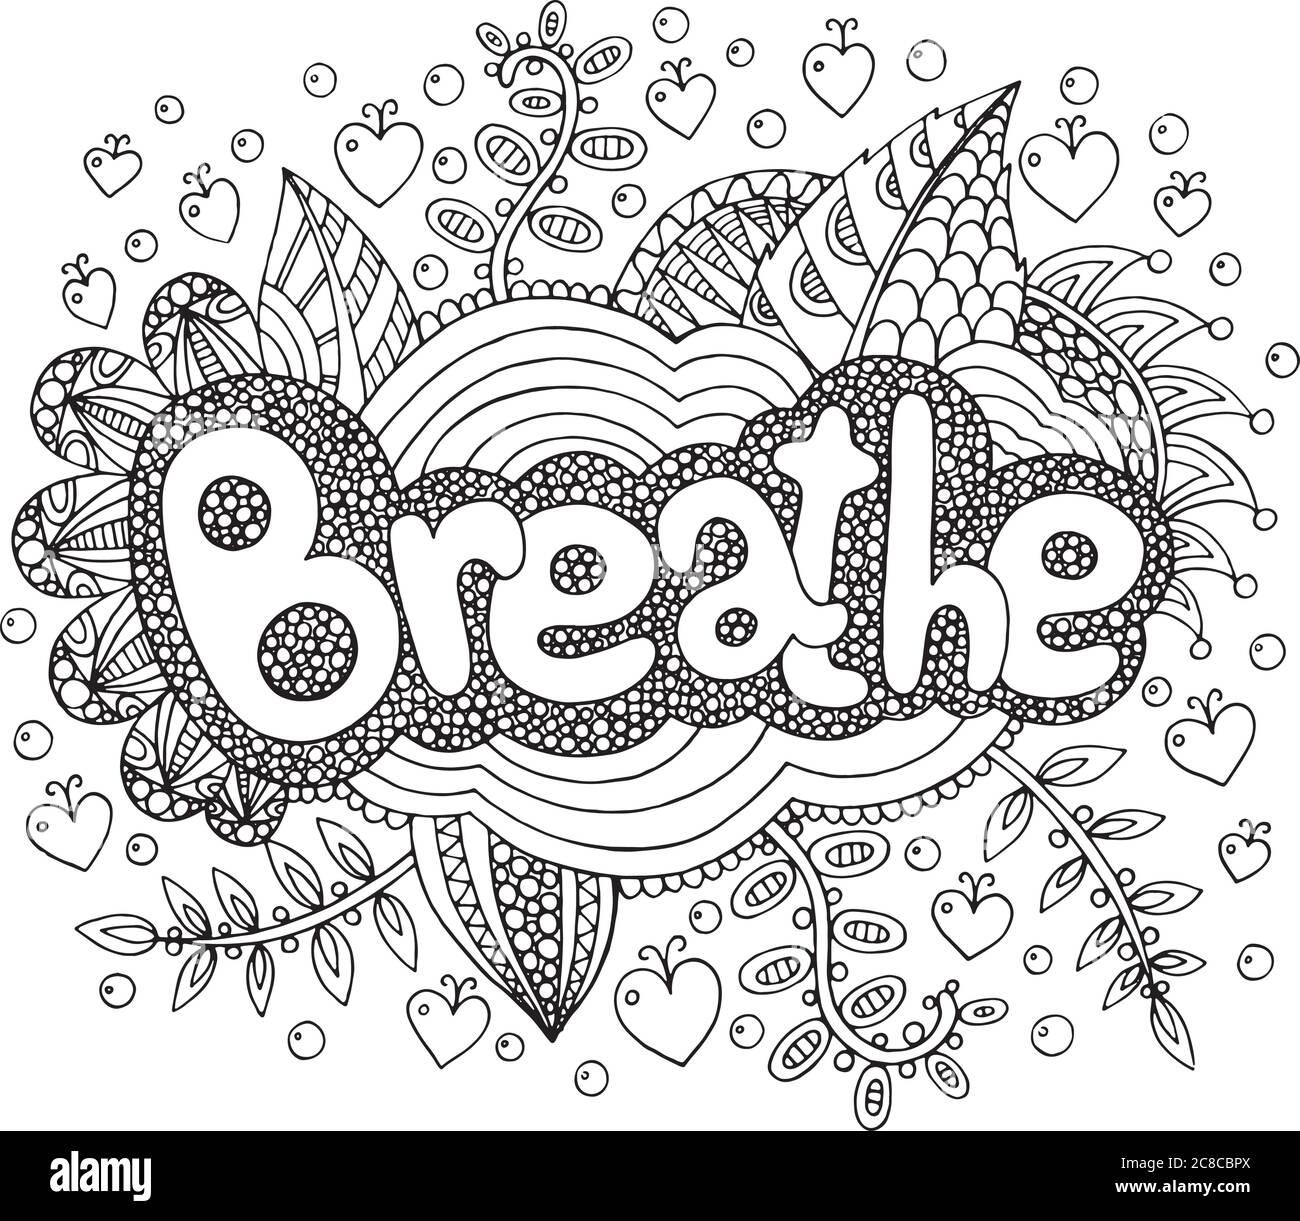 Disegni Di Natale Da Colorare Per Adulti.Pagina Da Colorare Per Adulti Con Mandala E Parola Respirare Doodle Inchiostro Scritta Disegni Di Contorno Illustrazione Vettoriale Immagine E Vettoriale Alamy